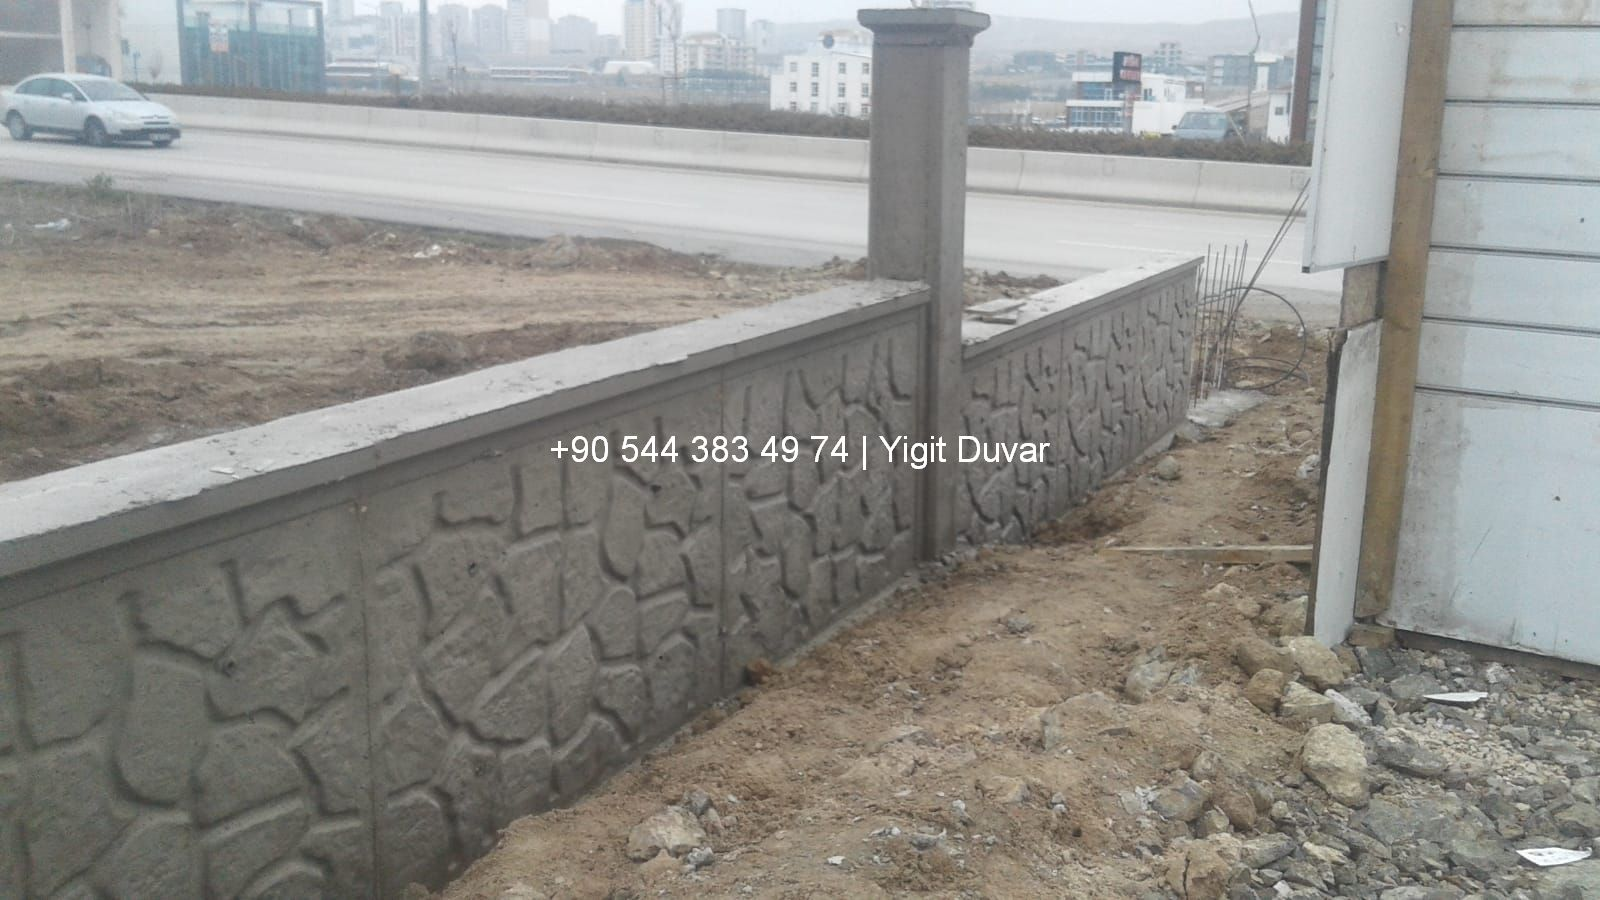 duvar-ustasi-yigit-duvar103